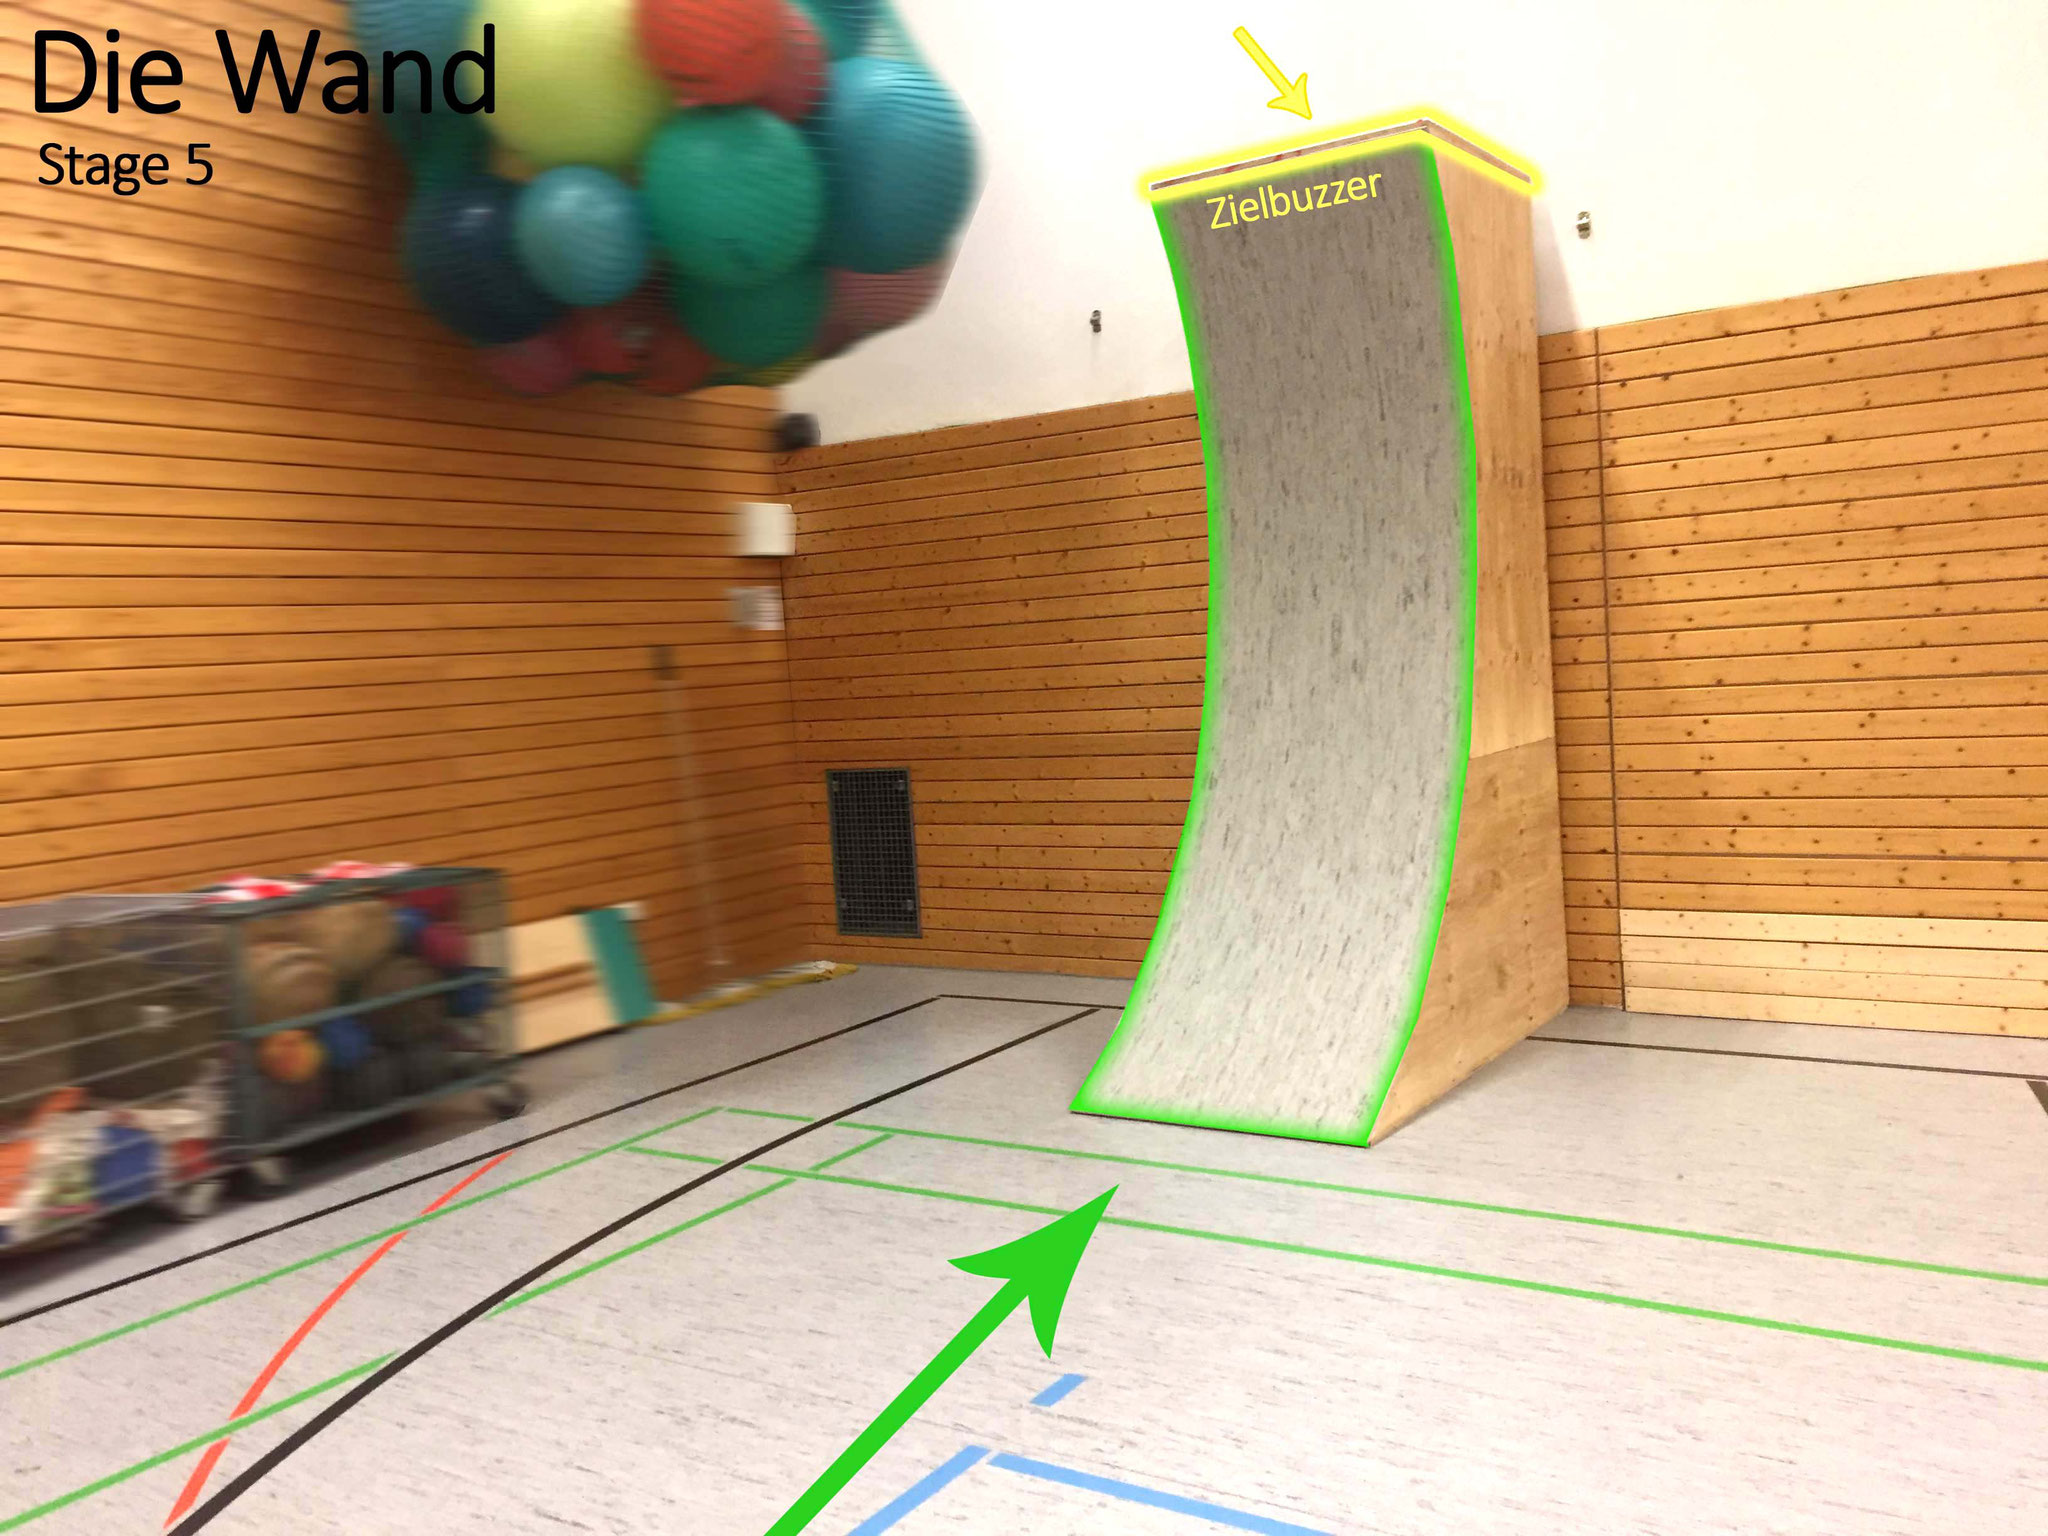 Die finale Stage ist unsere selbstgebaute Warped Wall. Renne wie in der TV-Show die Wand hinauf und drücke als Schnellster oben auf den Buzzer!